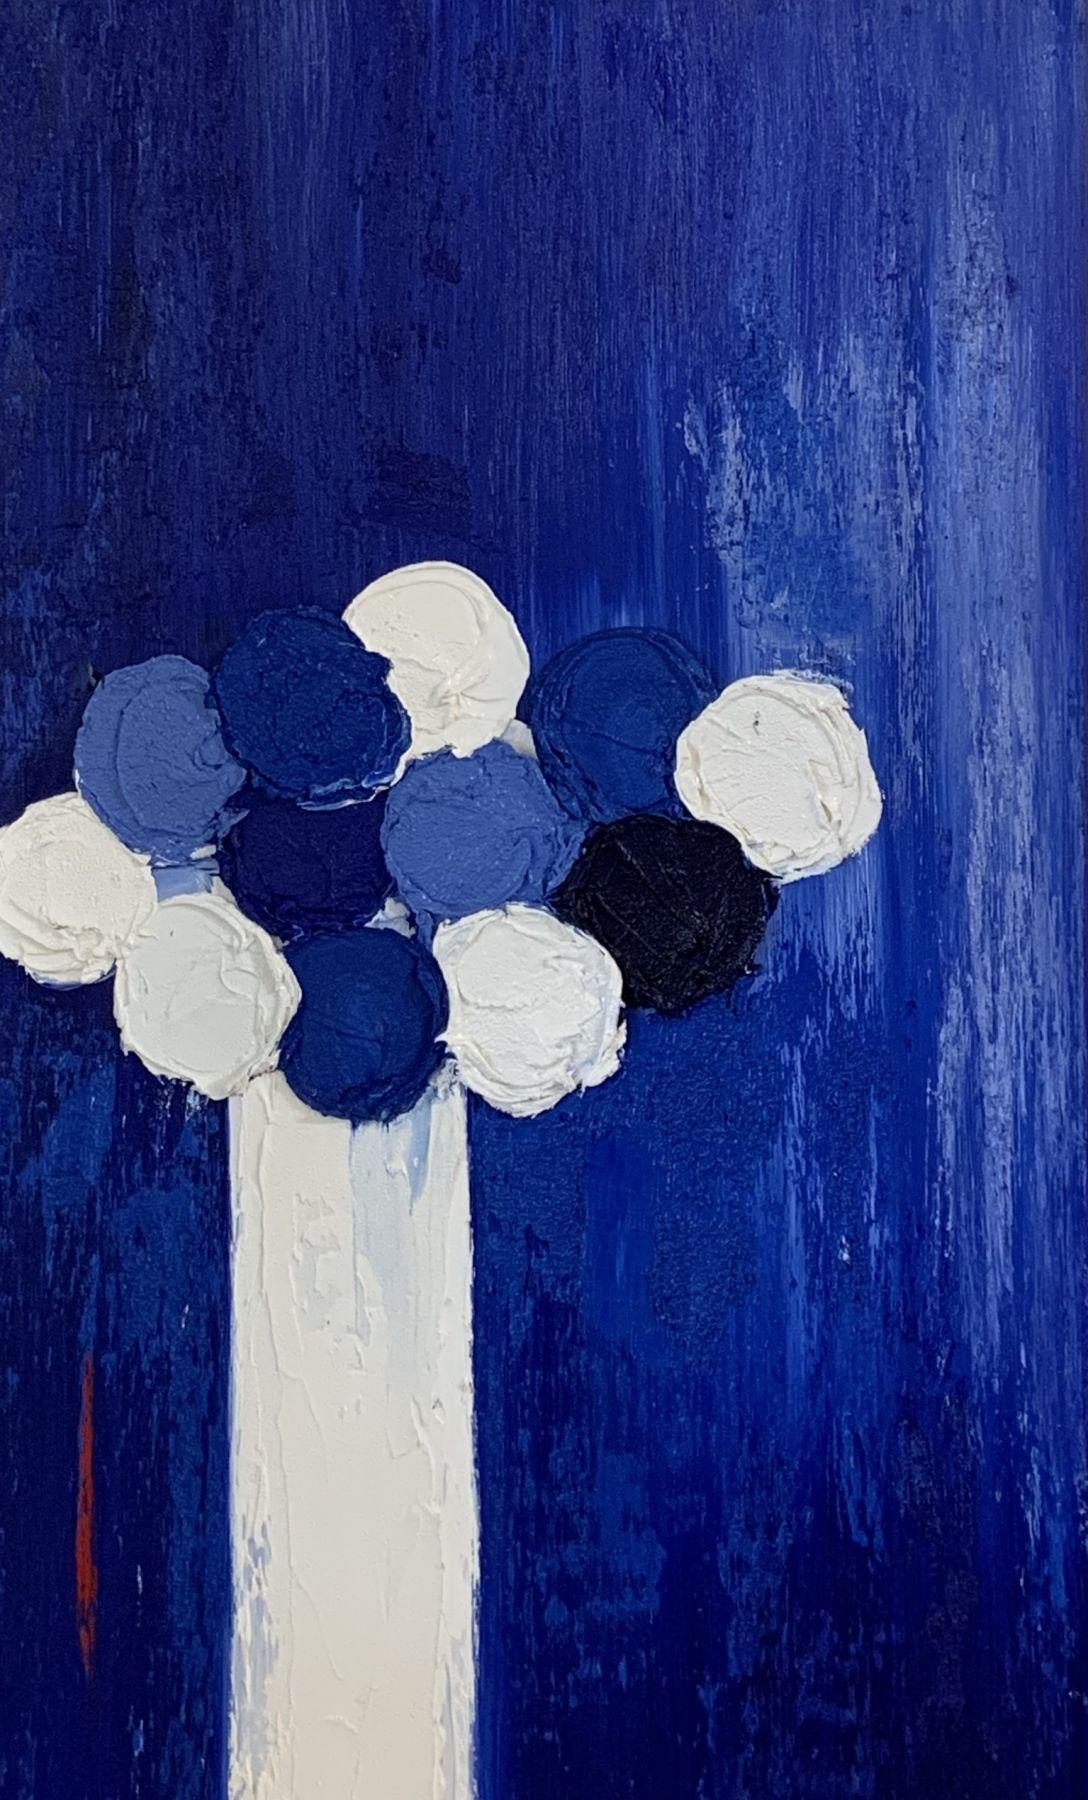 Blue Bouquet, 39x20